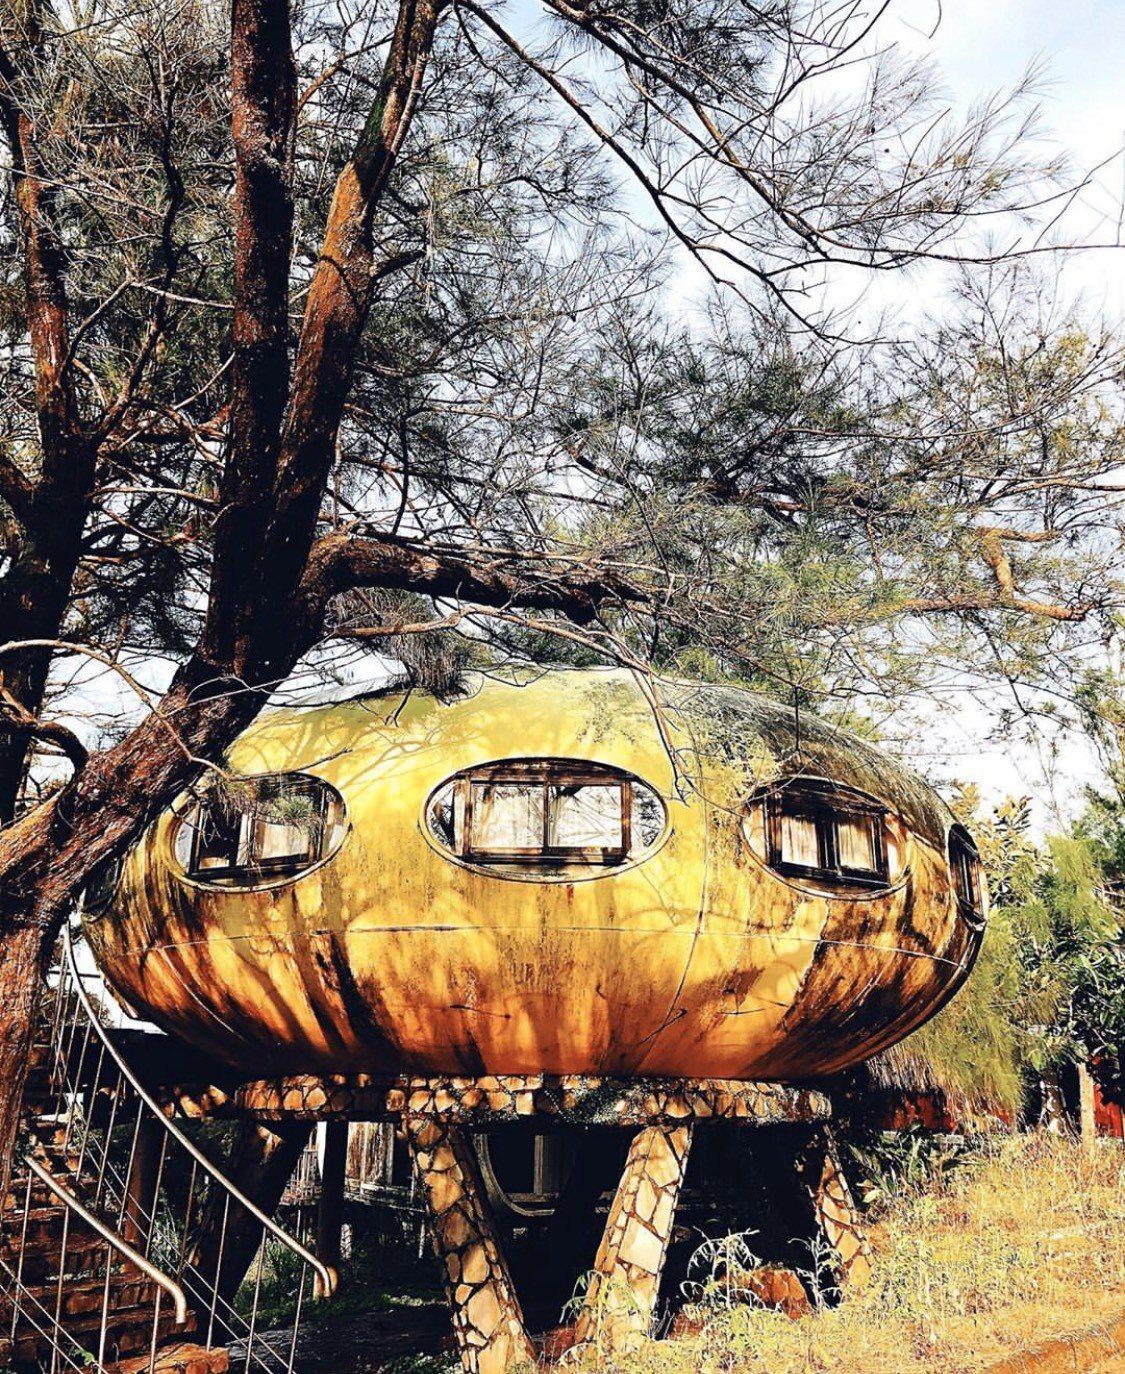 新北「三芝飛碟屋」特殊造型,吸引許多遊客慕名而來。圖/取自IG:will.be1...